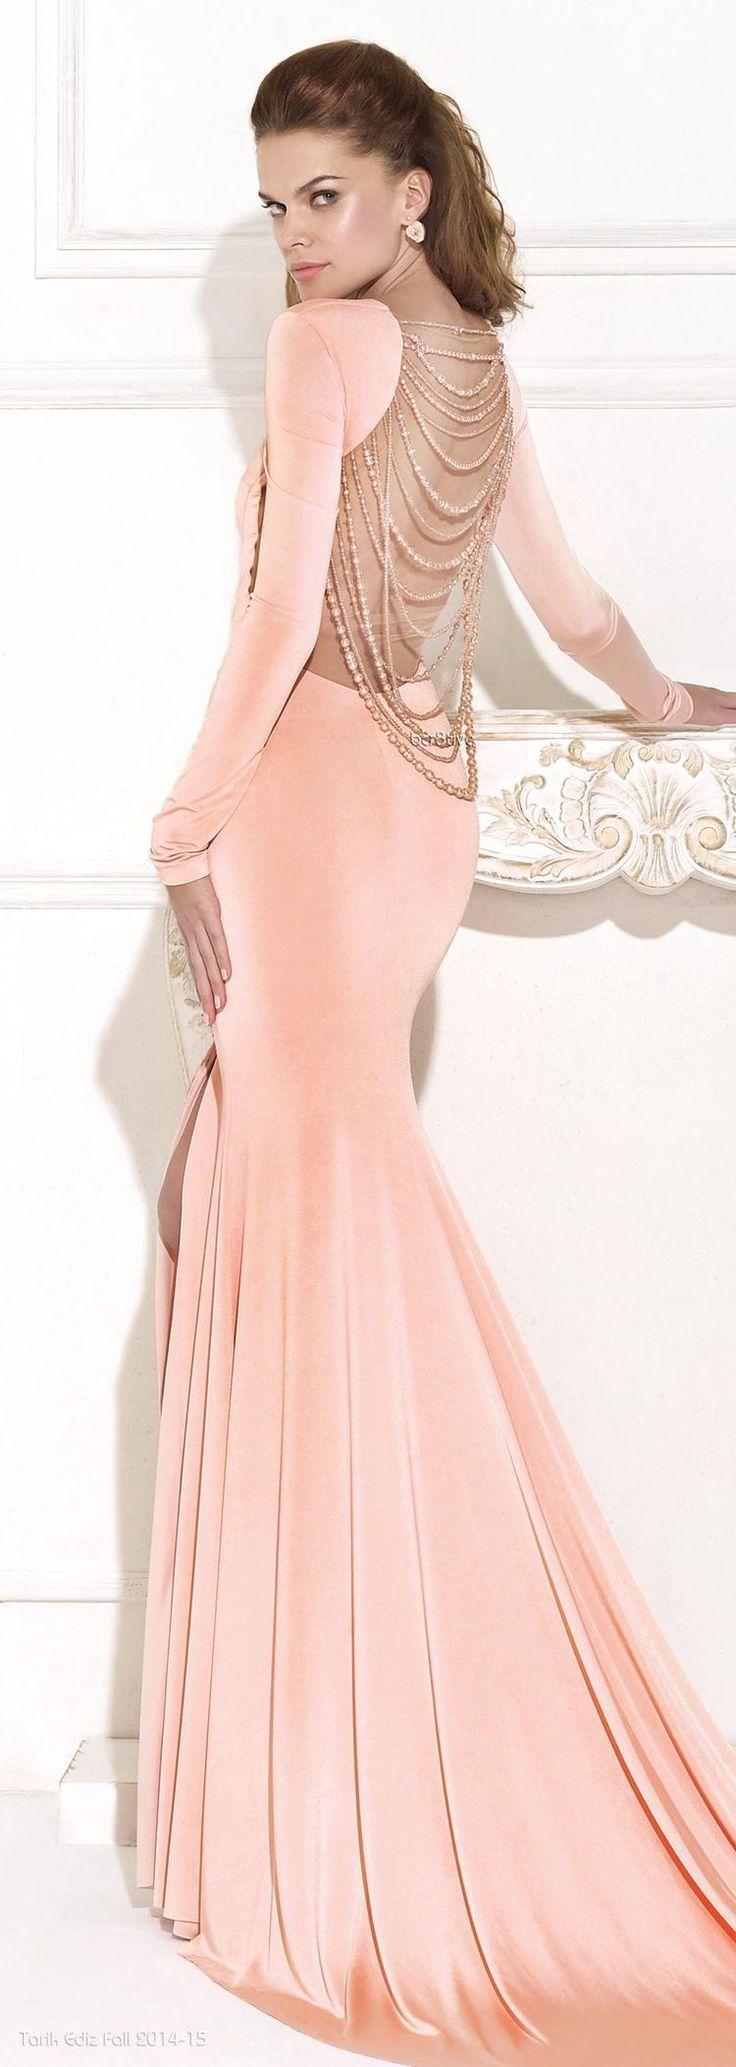 Mejores 124 imágenes de Elegance en Pinterest | Vestidos de noche ...